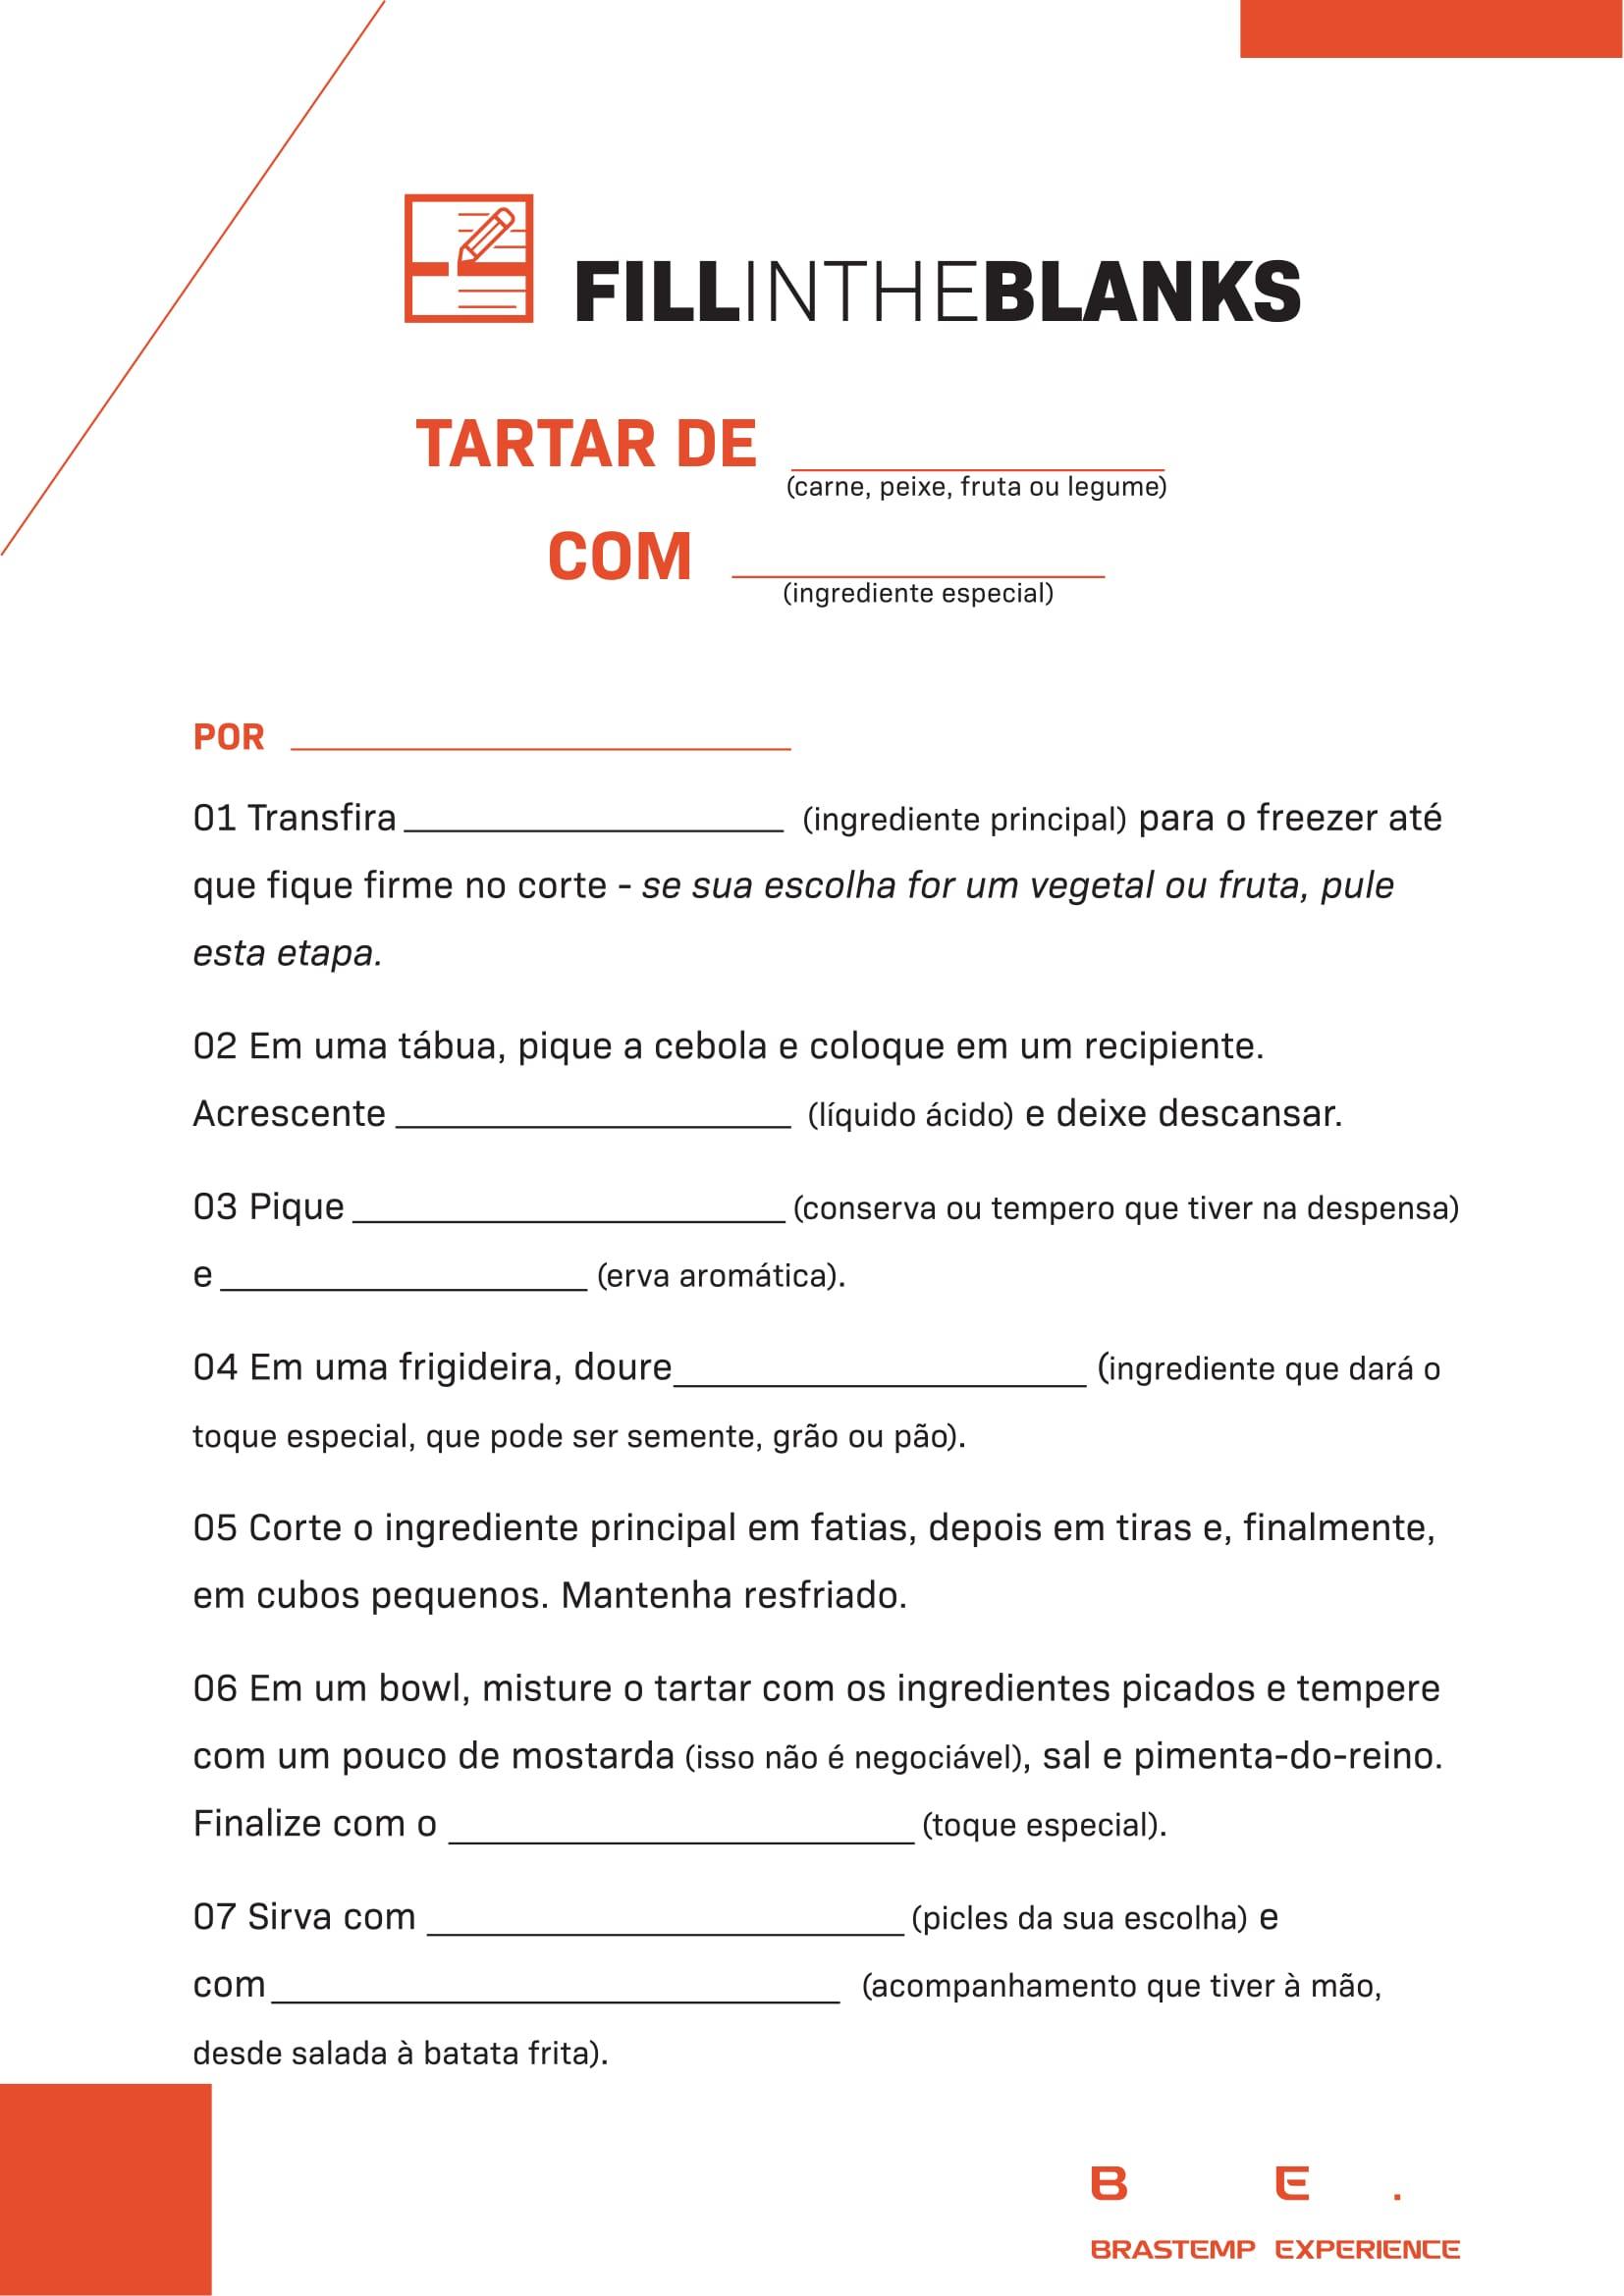 FITB_Tartar-1